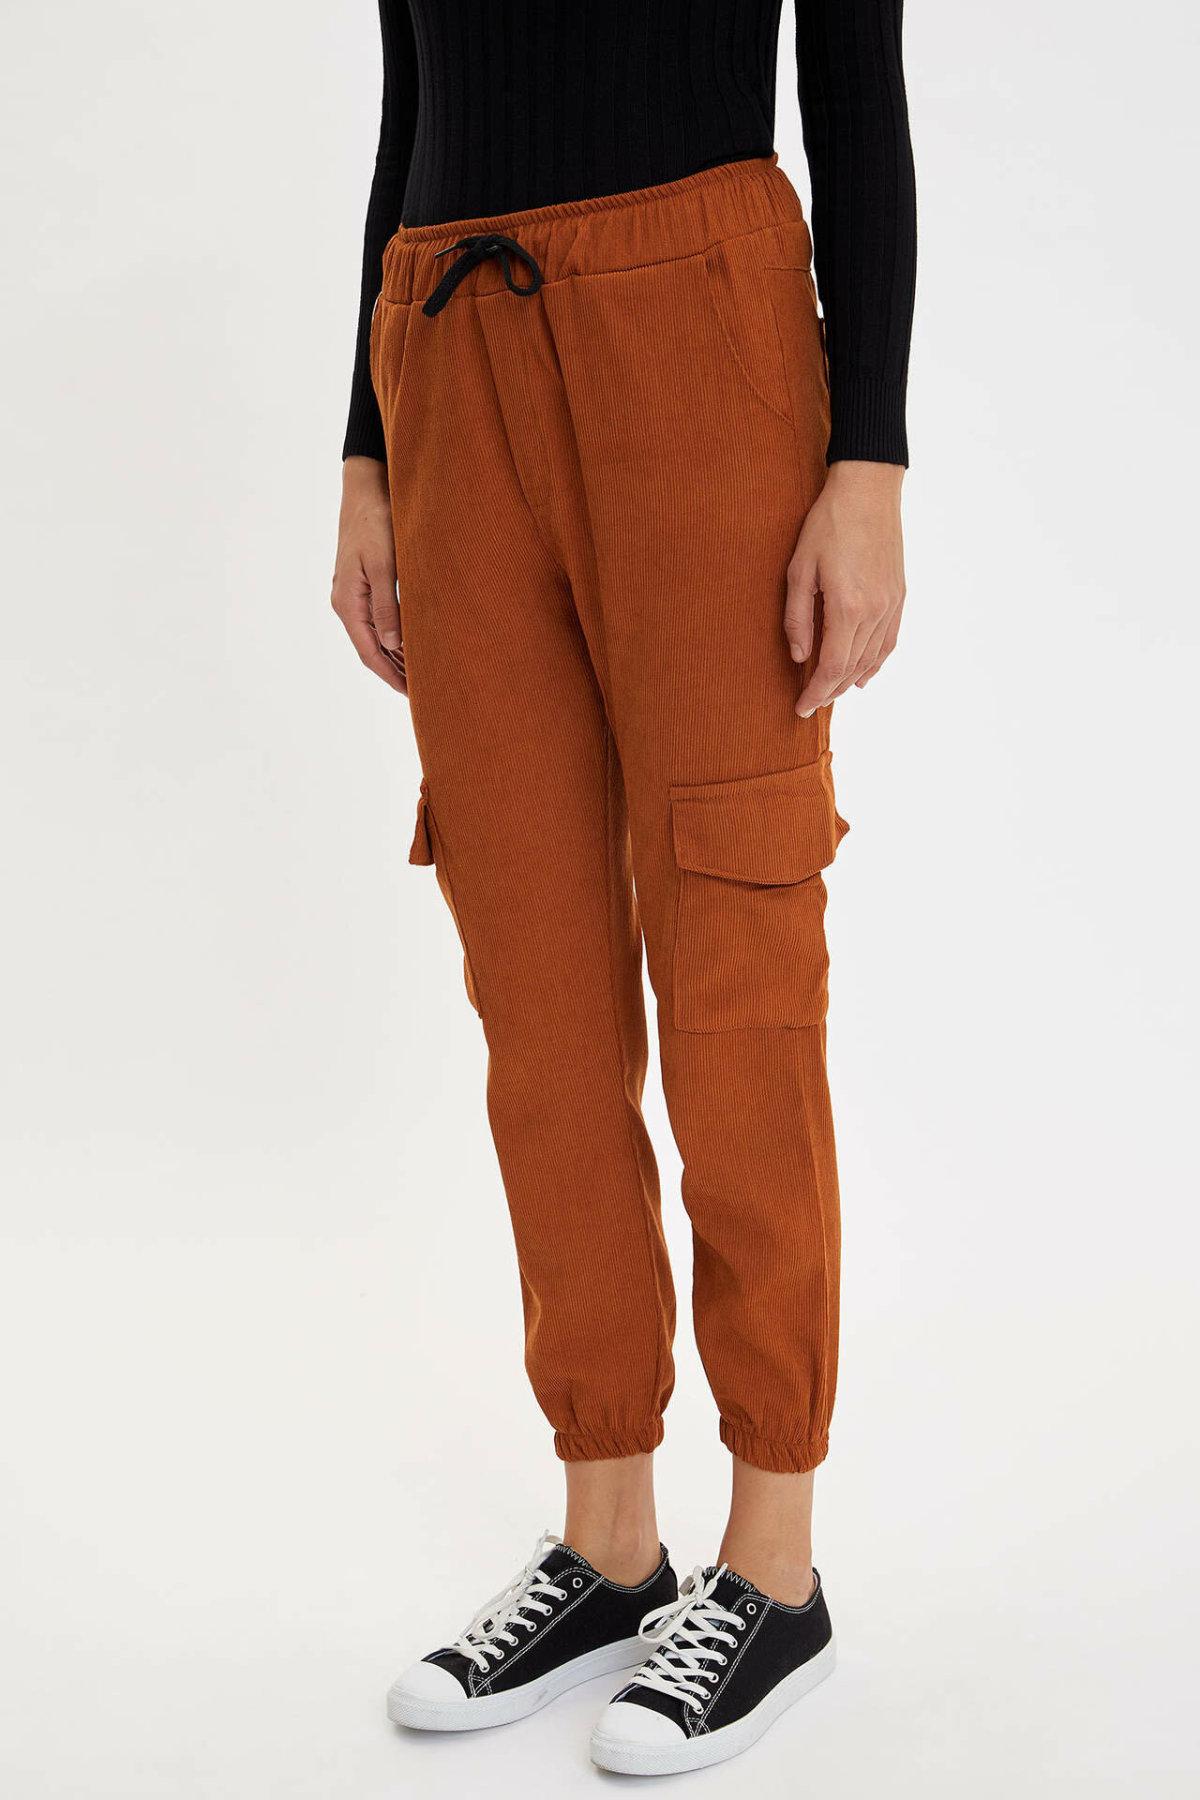 DeFacto Woman Autumn Brown Color Cargo Pants Women Casual Lace-up Bottoms Female Fit Trousers-M9447AZ19AU